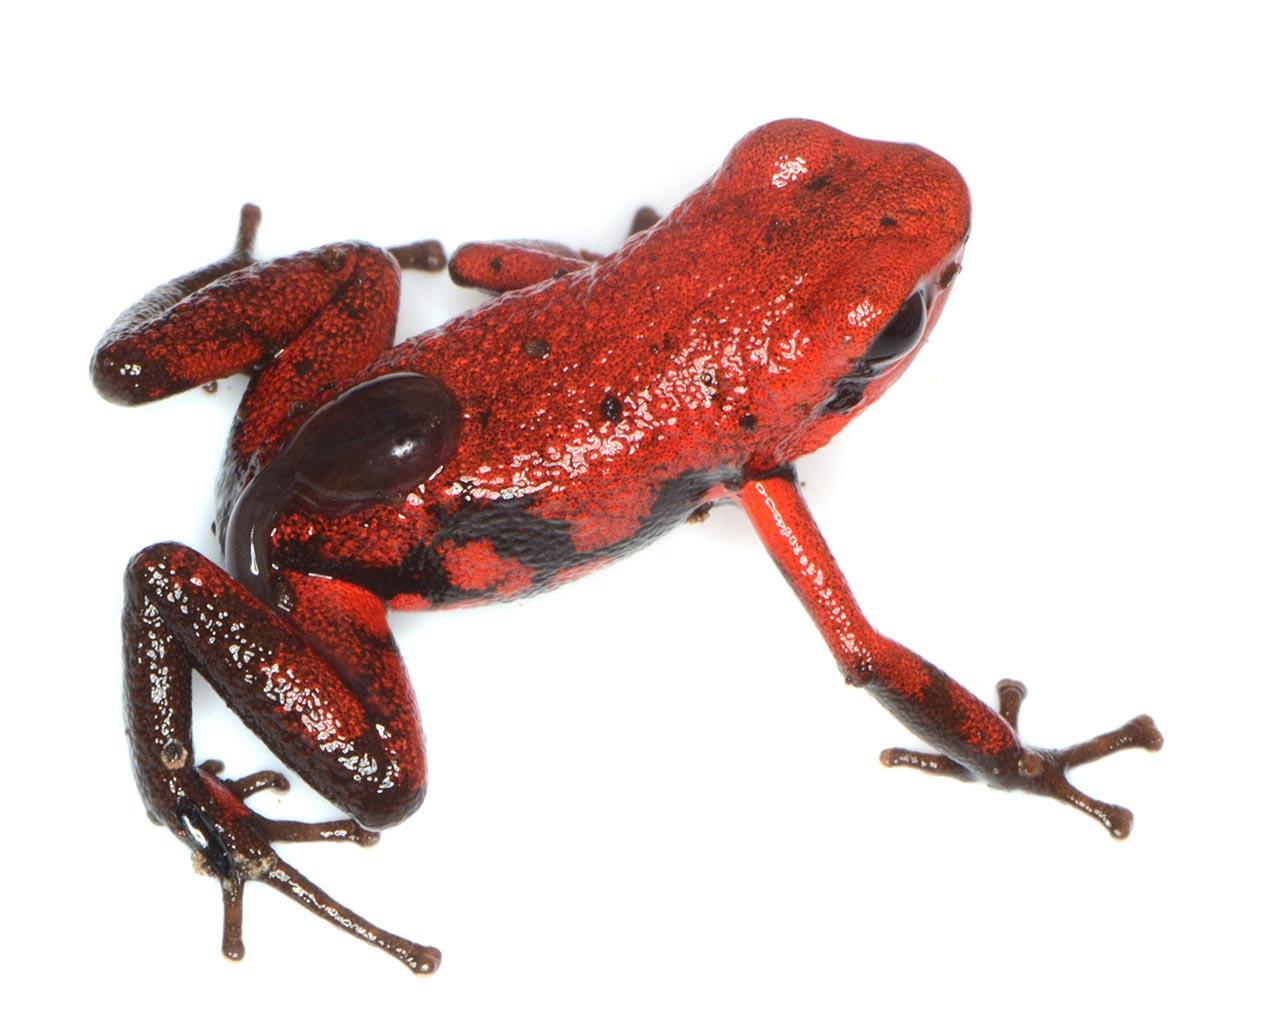 Andinobates - tadpole - Conjour